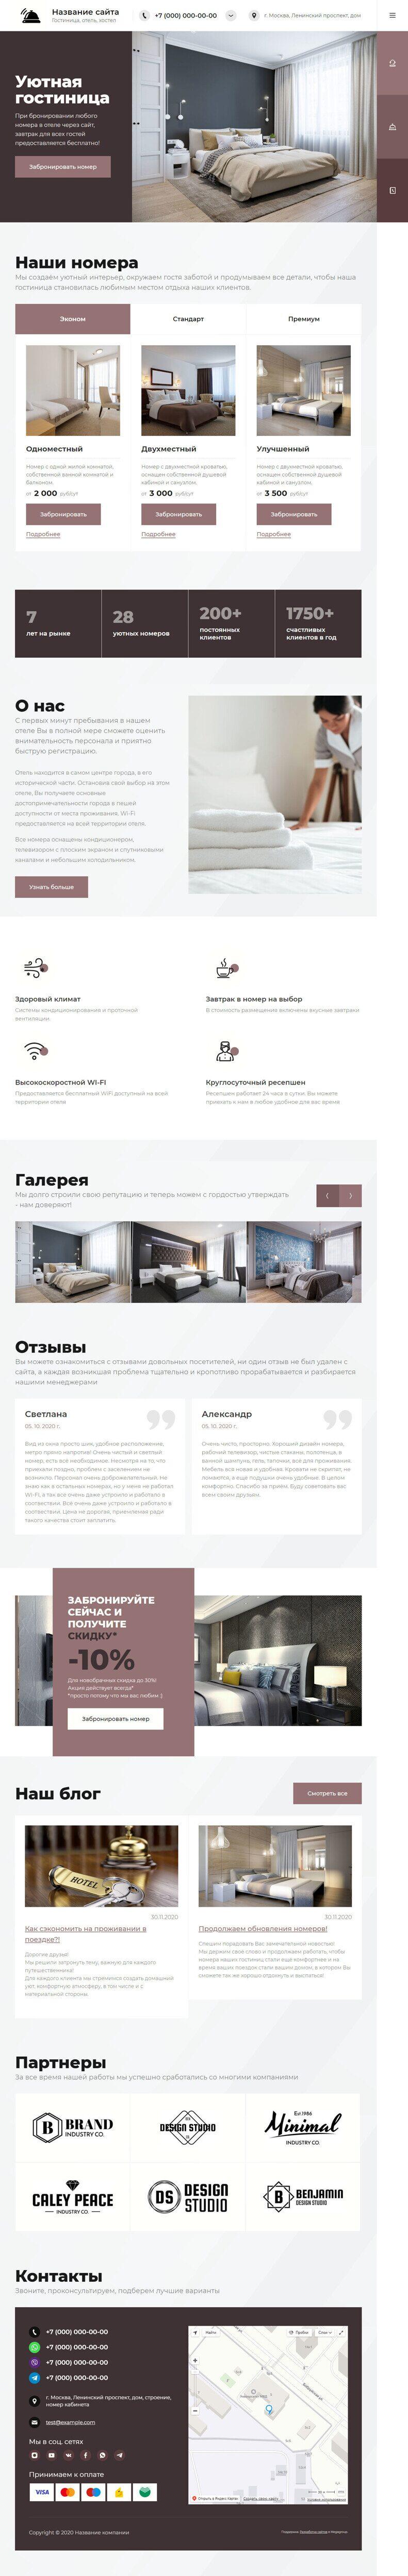 Готовый Сайт-Бизнес #2911304 - Гостиницы, отели, хостелы (Главная 2)